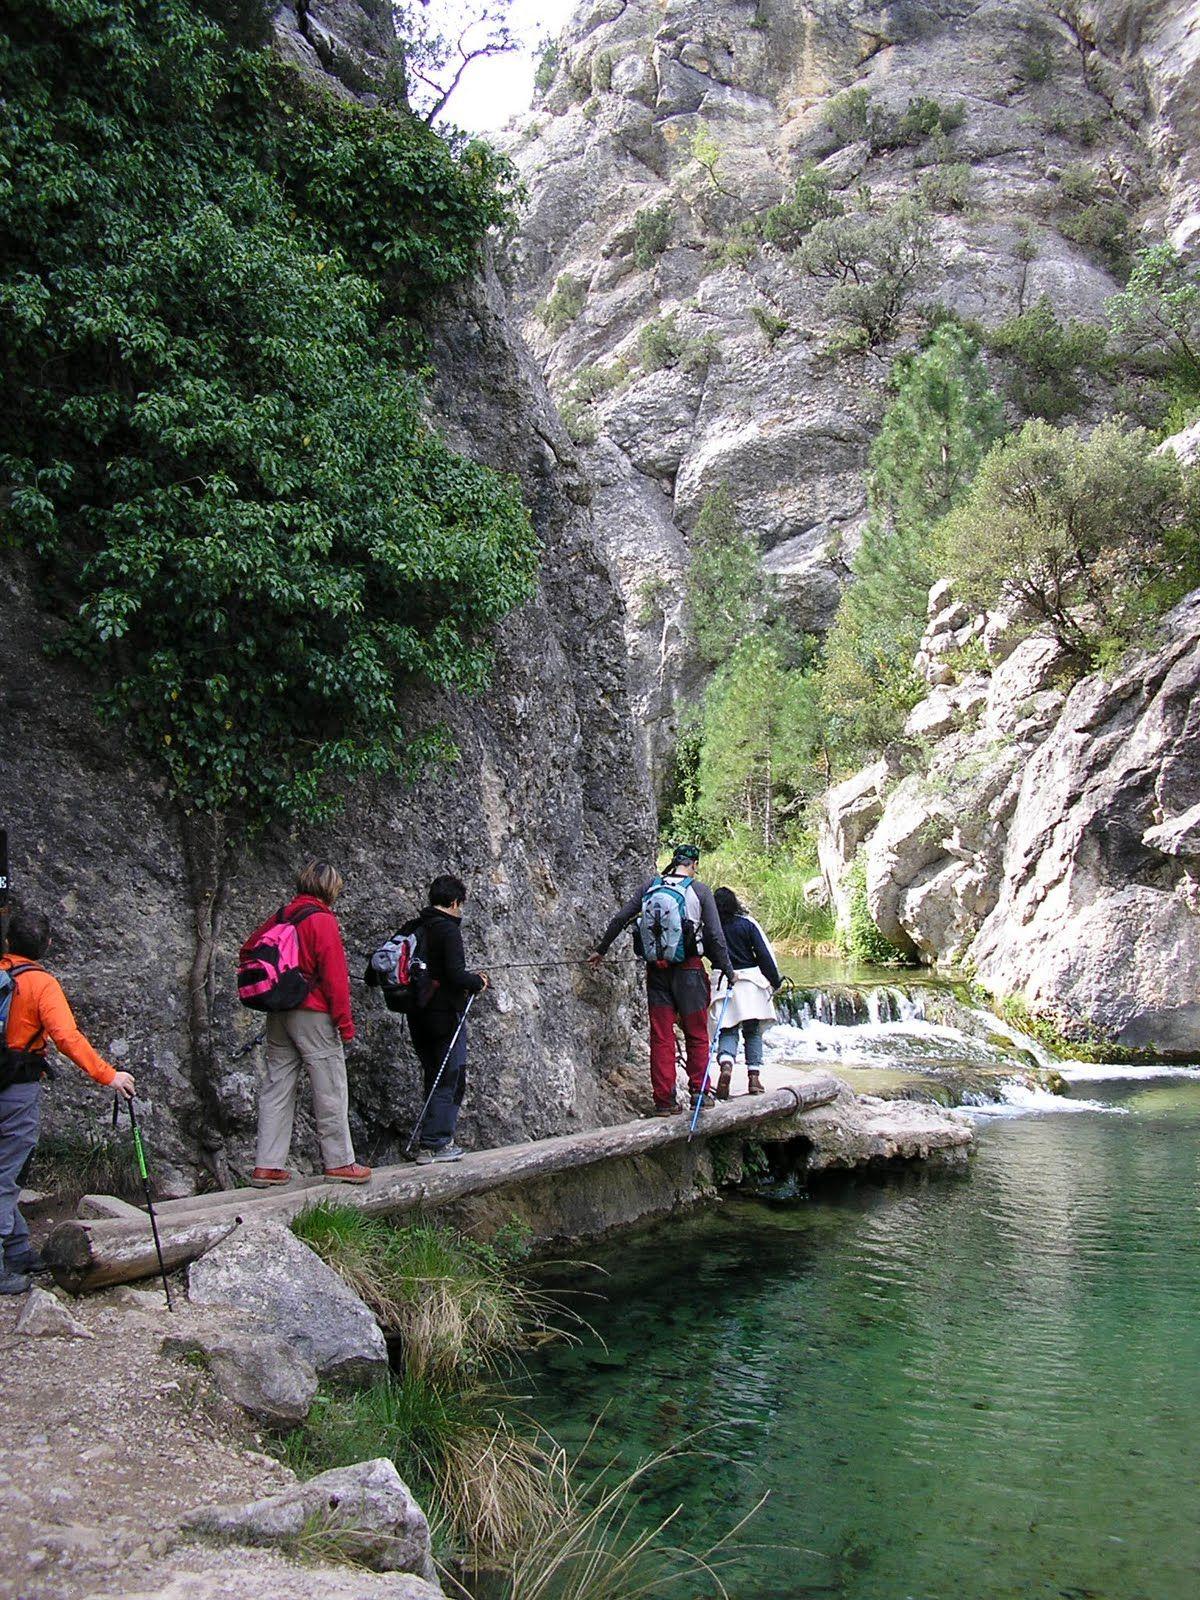 a4cb1187d El Parrisal, en Beceite-- lugares curiosos de Aragón que tal vez  desconocías. - Página 7 - ForoCoches